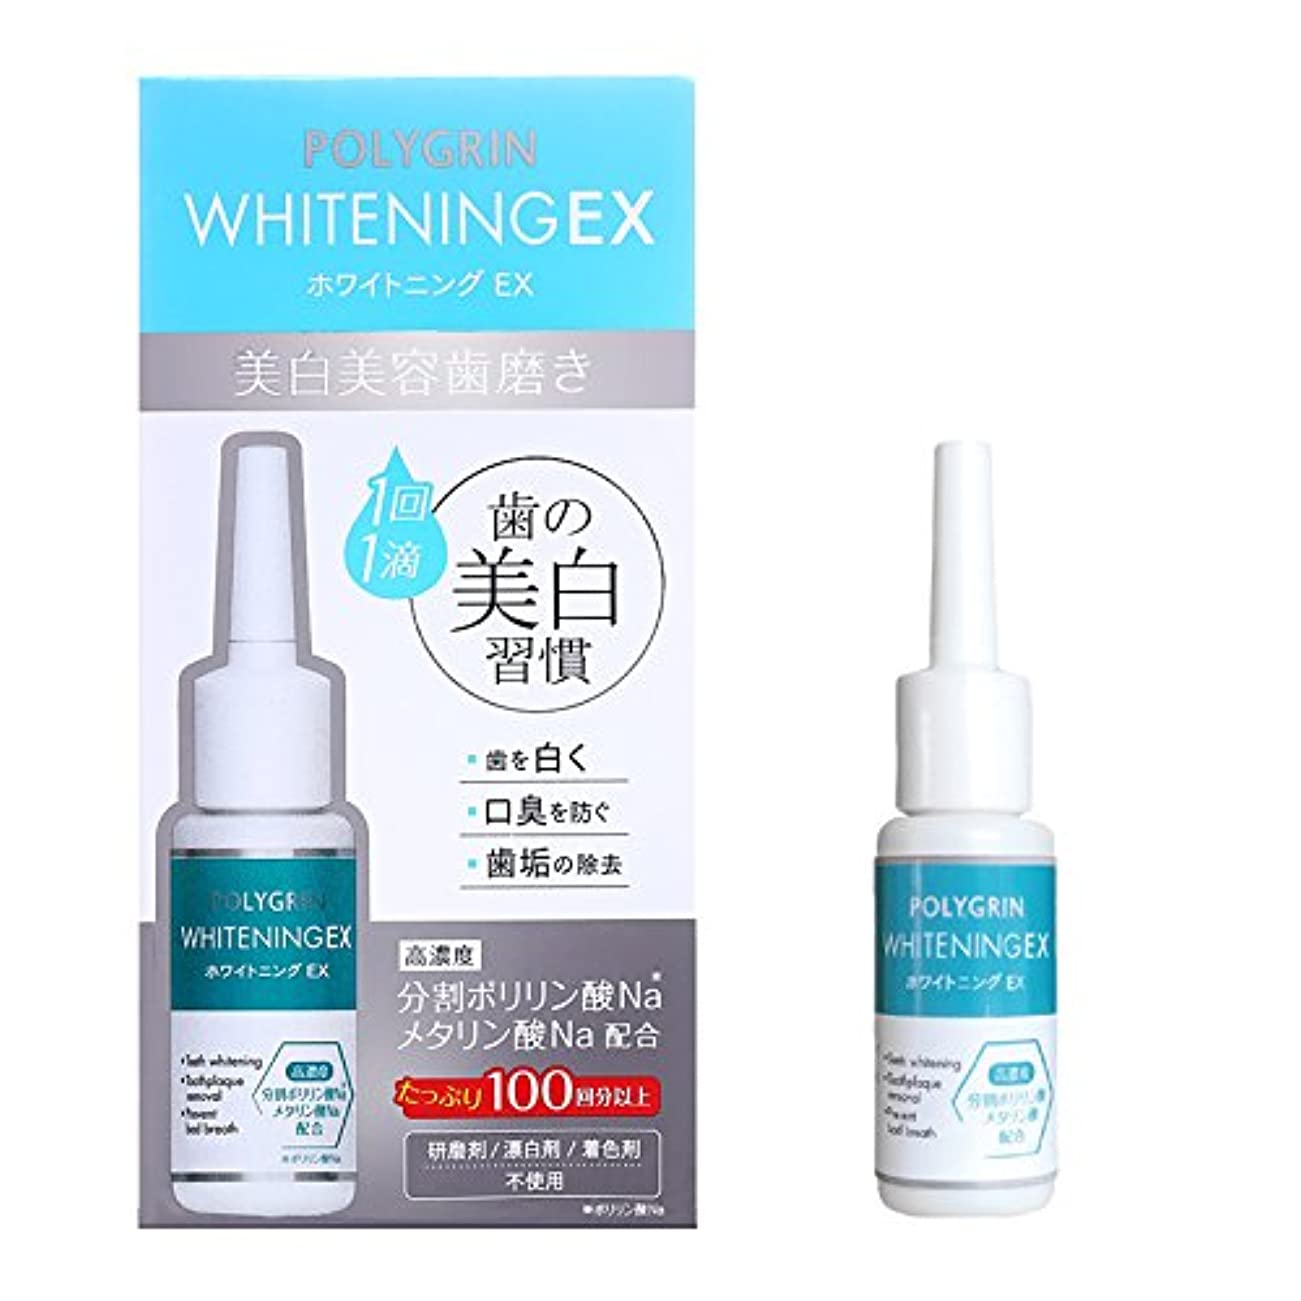 ベッドを作る職業フィットネスポリグリン(POLYGRIN) ホワイトニングEX 10ml